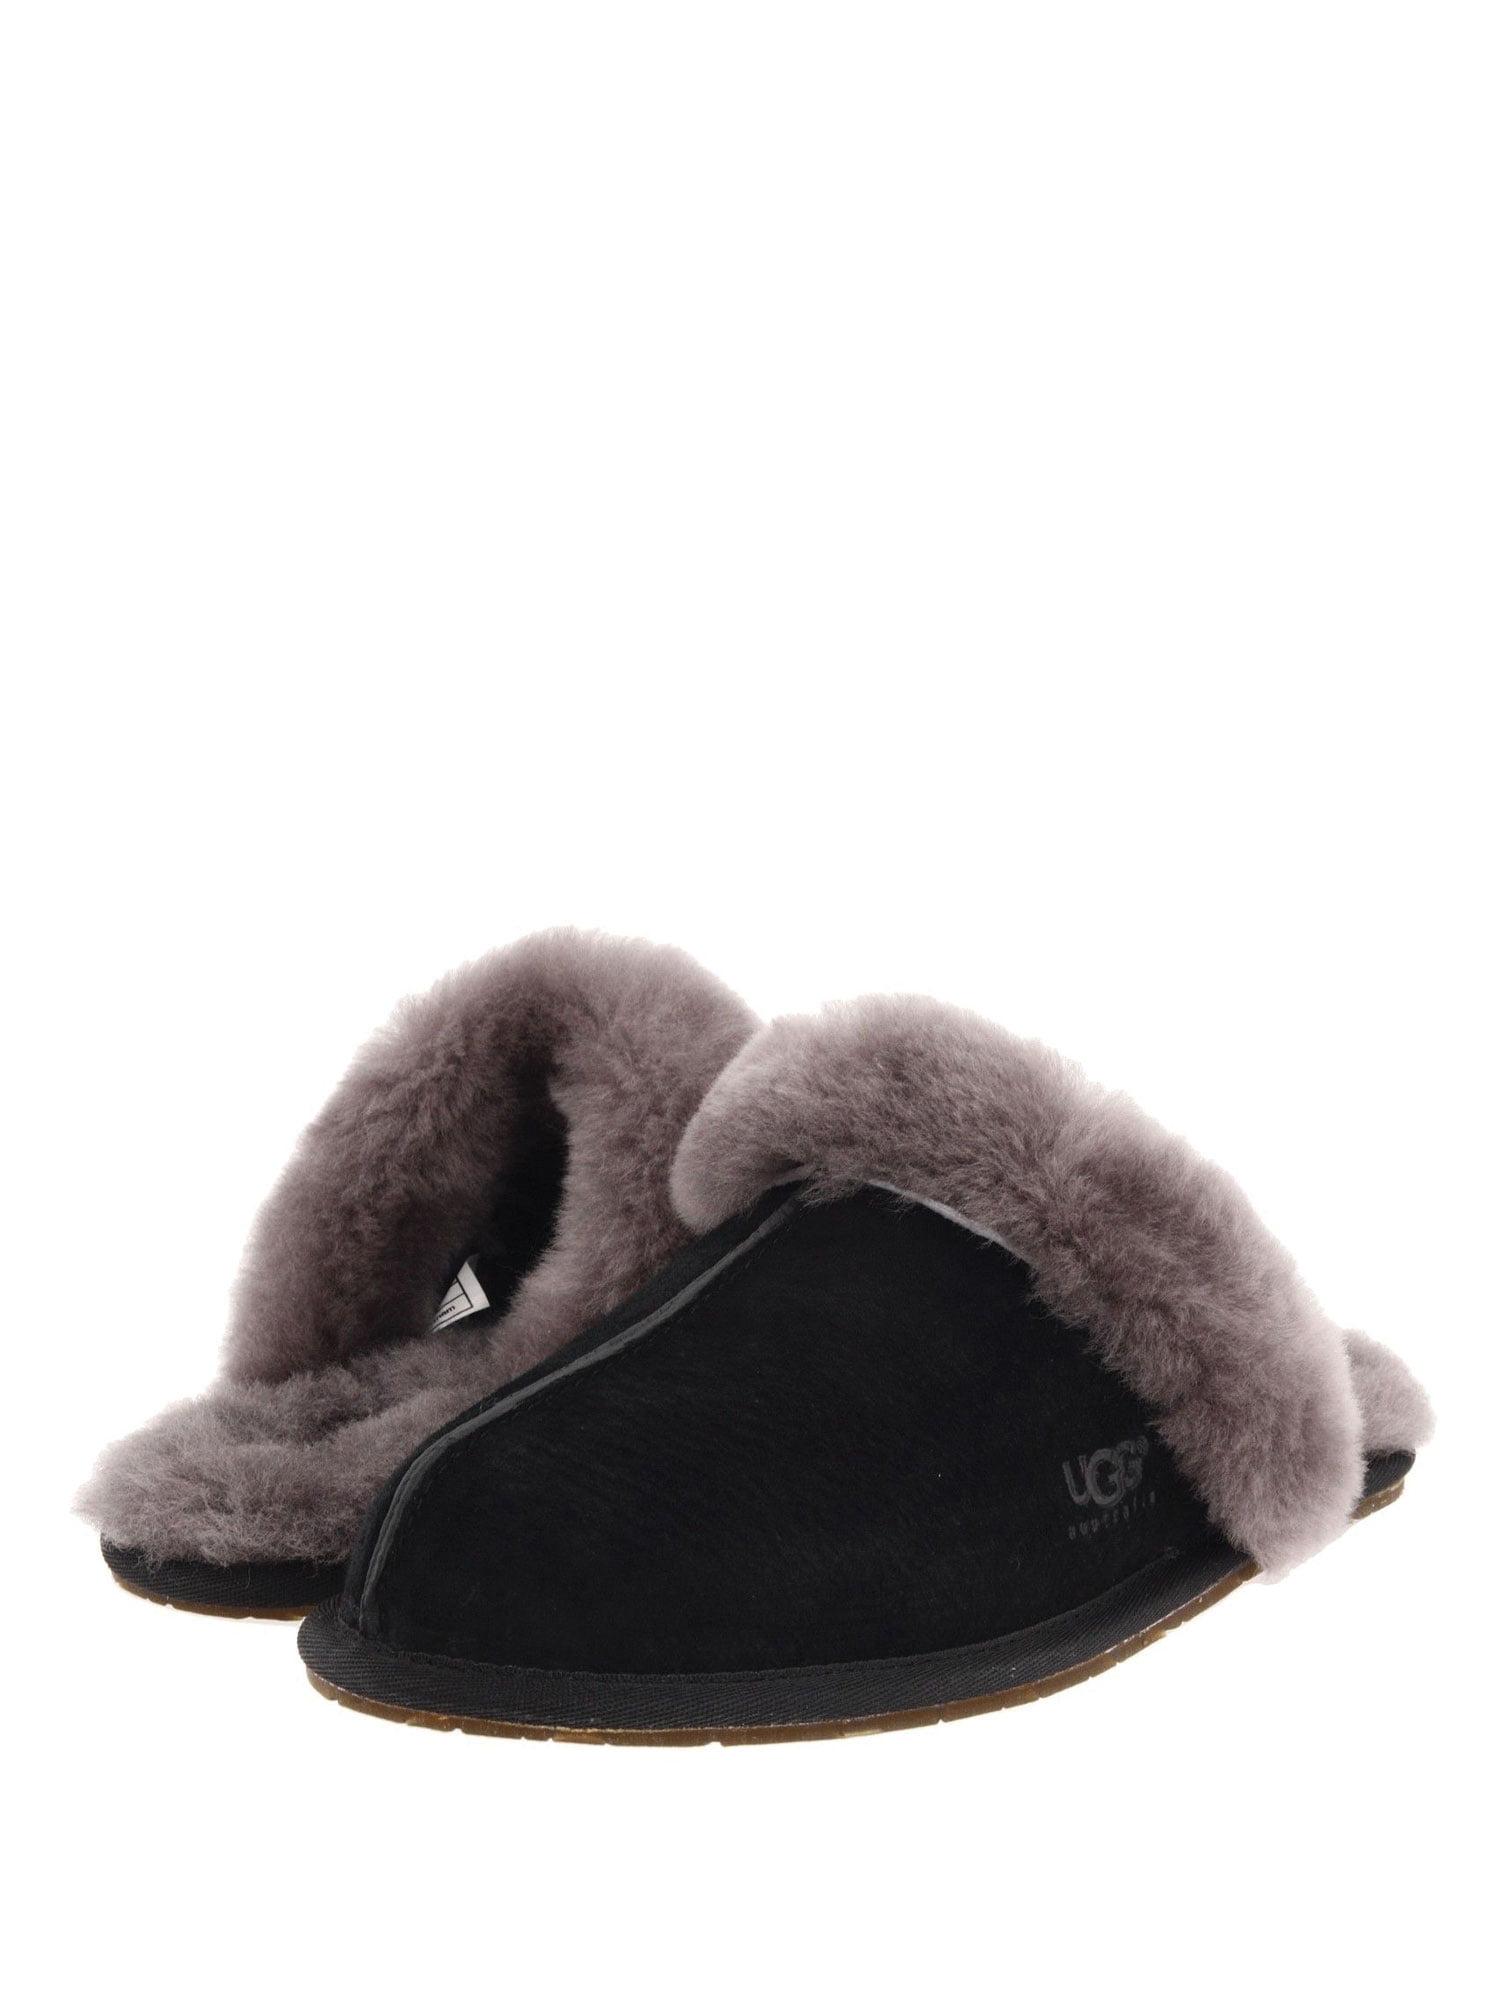 UGG Scuffette II Women's Slippers 5661